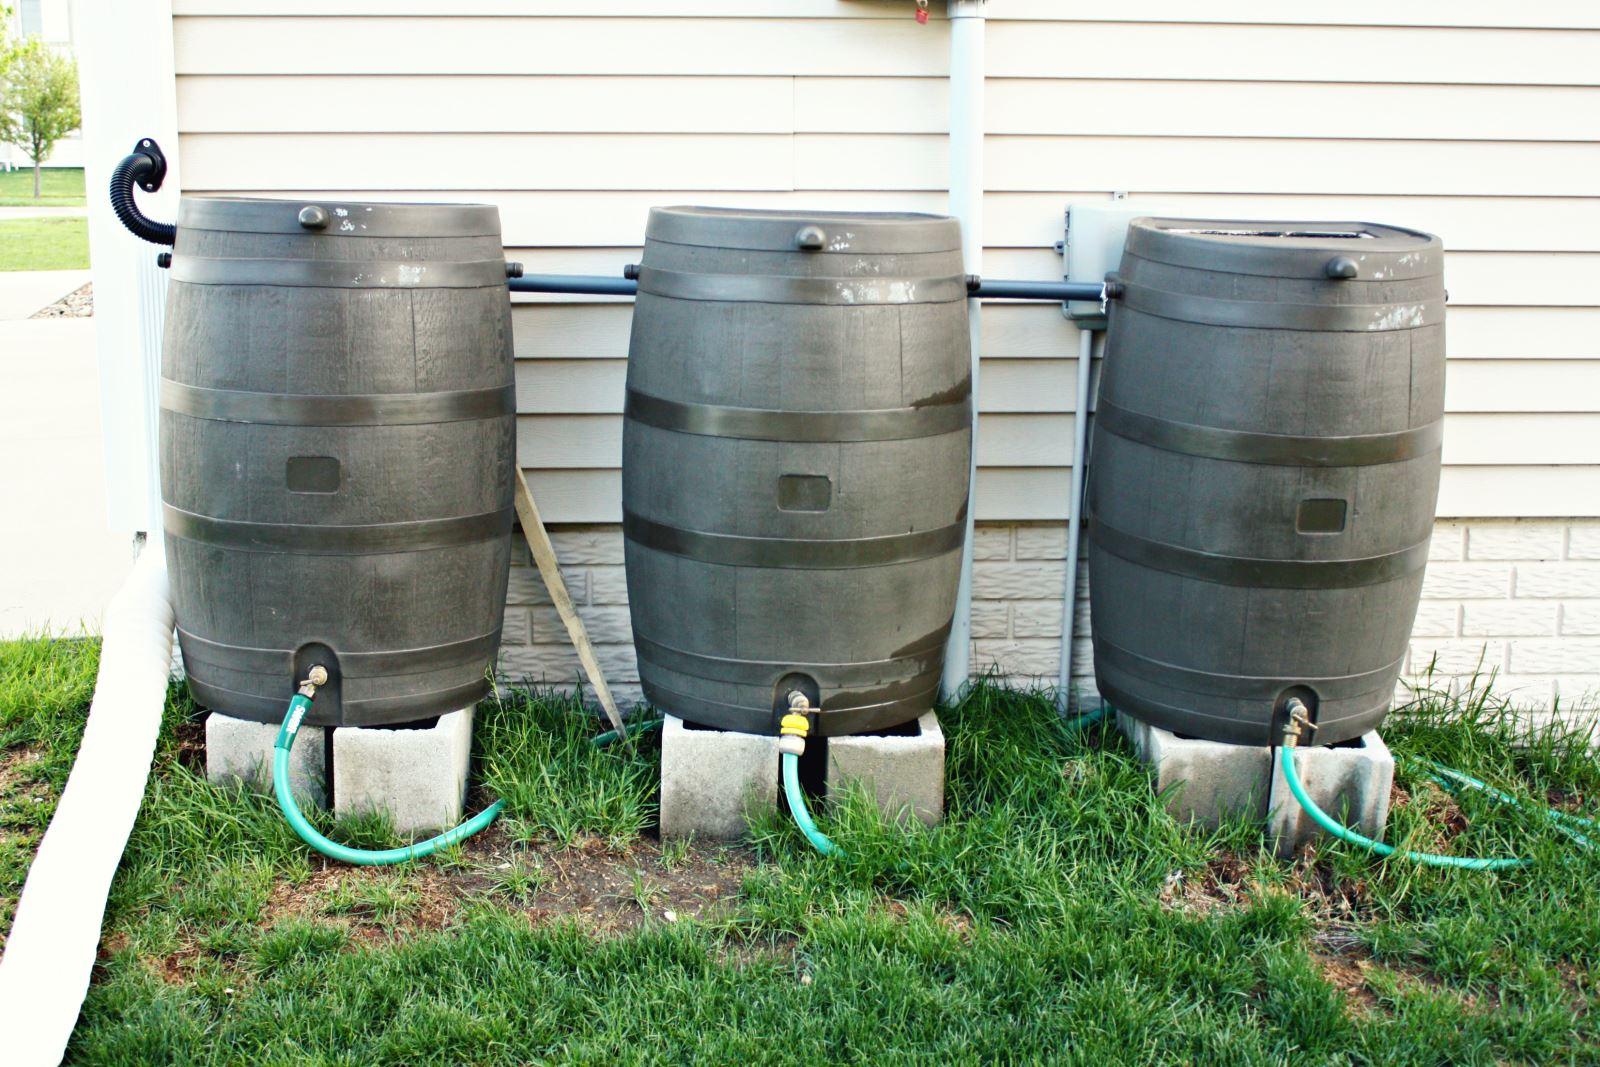 Rwra Hosting Rain Barrel Workshop Owensboro Living